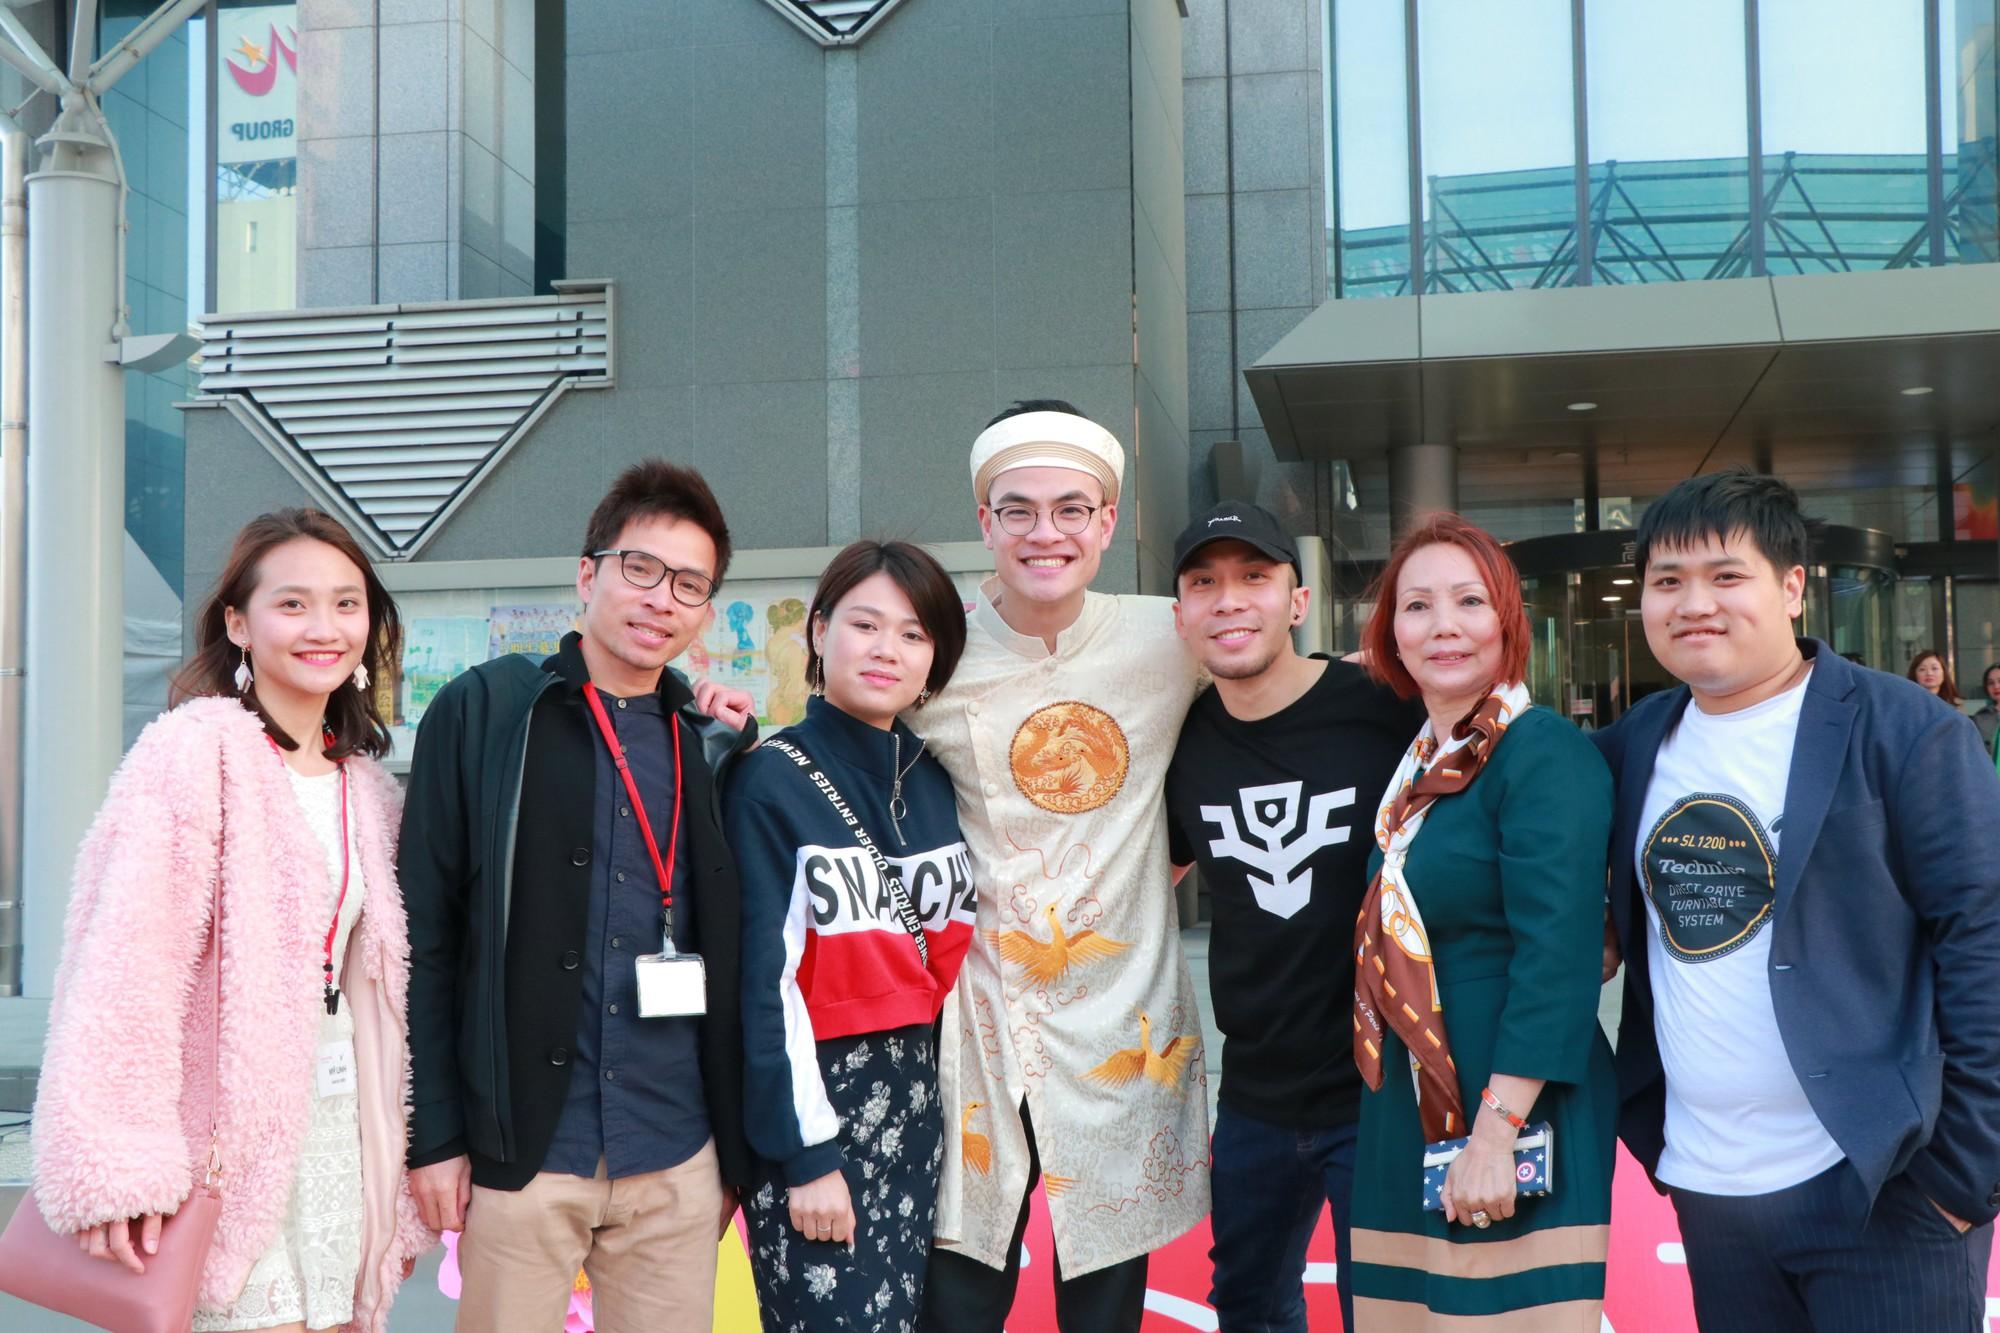 Vũ Cát Tường đến Nhật, quậy tưng bừng cùng du học sinh tại Lễ hội văn hóa Việt Nam 2018 - Ảnh 14.